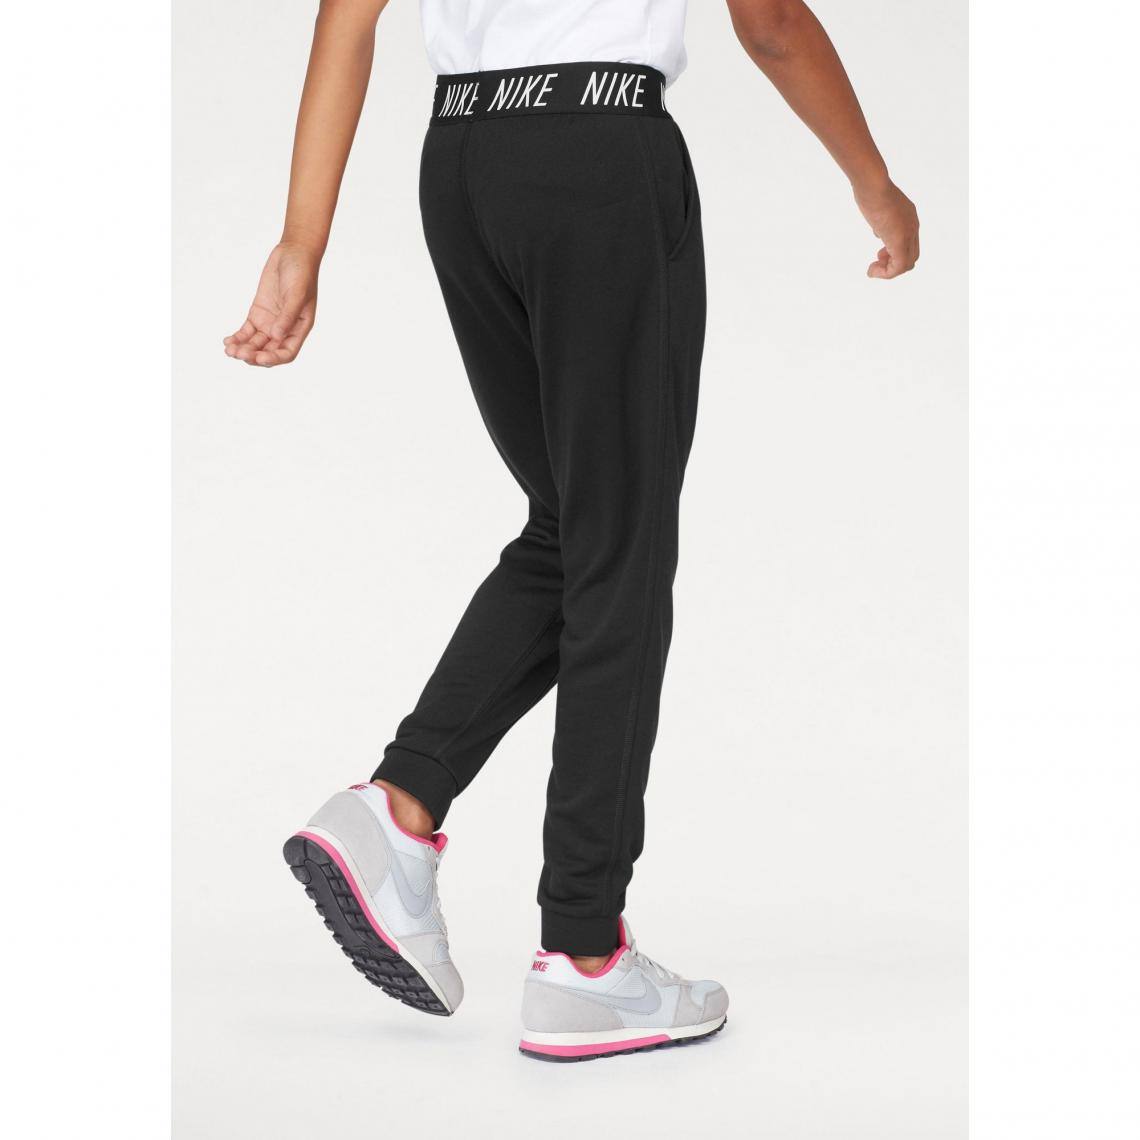 ac77284ca1d44 Pantalon de survêtement femme Dri-FIT® Nike - Noir   3Suisses